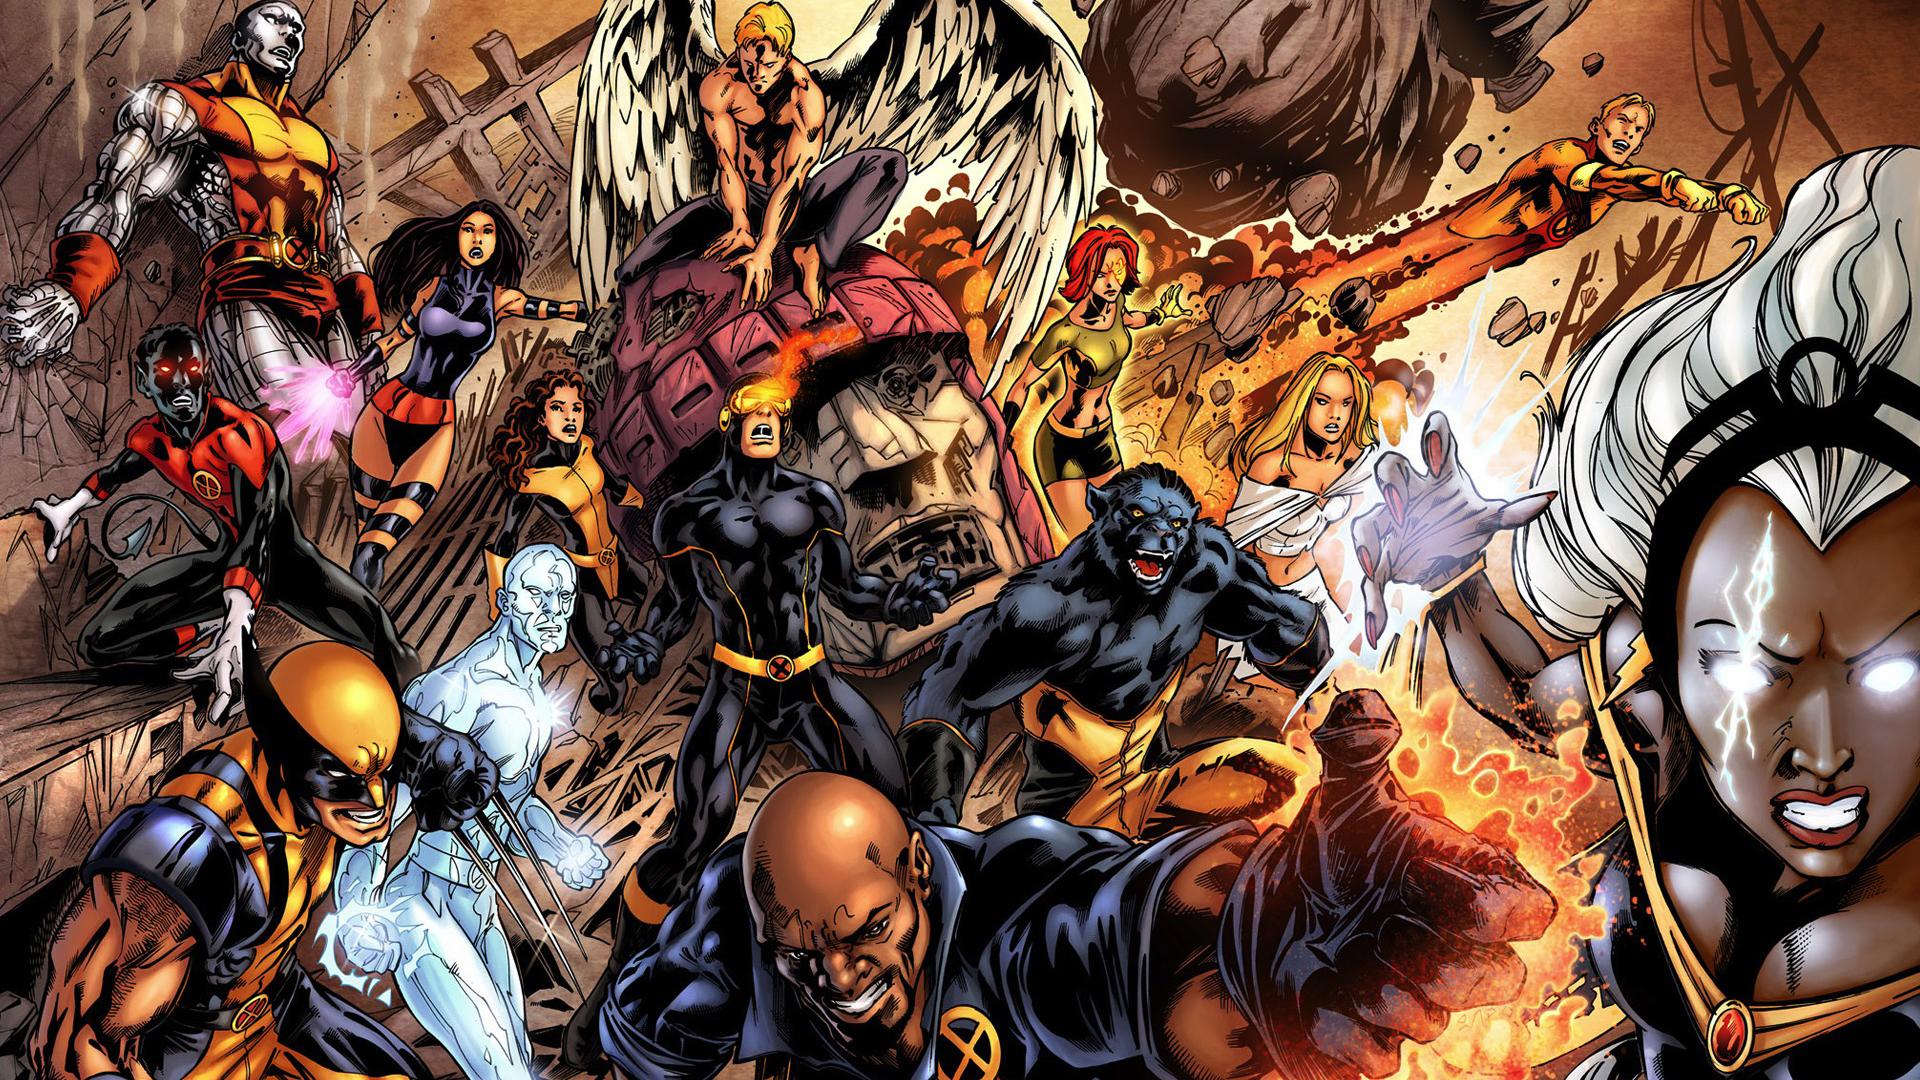 Men Marvel Wallpaper 1920x1080 XMen Marvel Comics 1920x1080